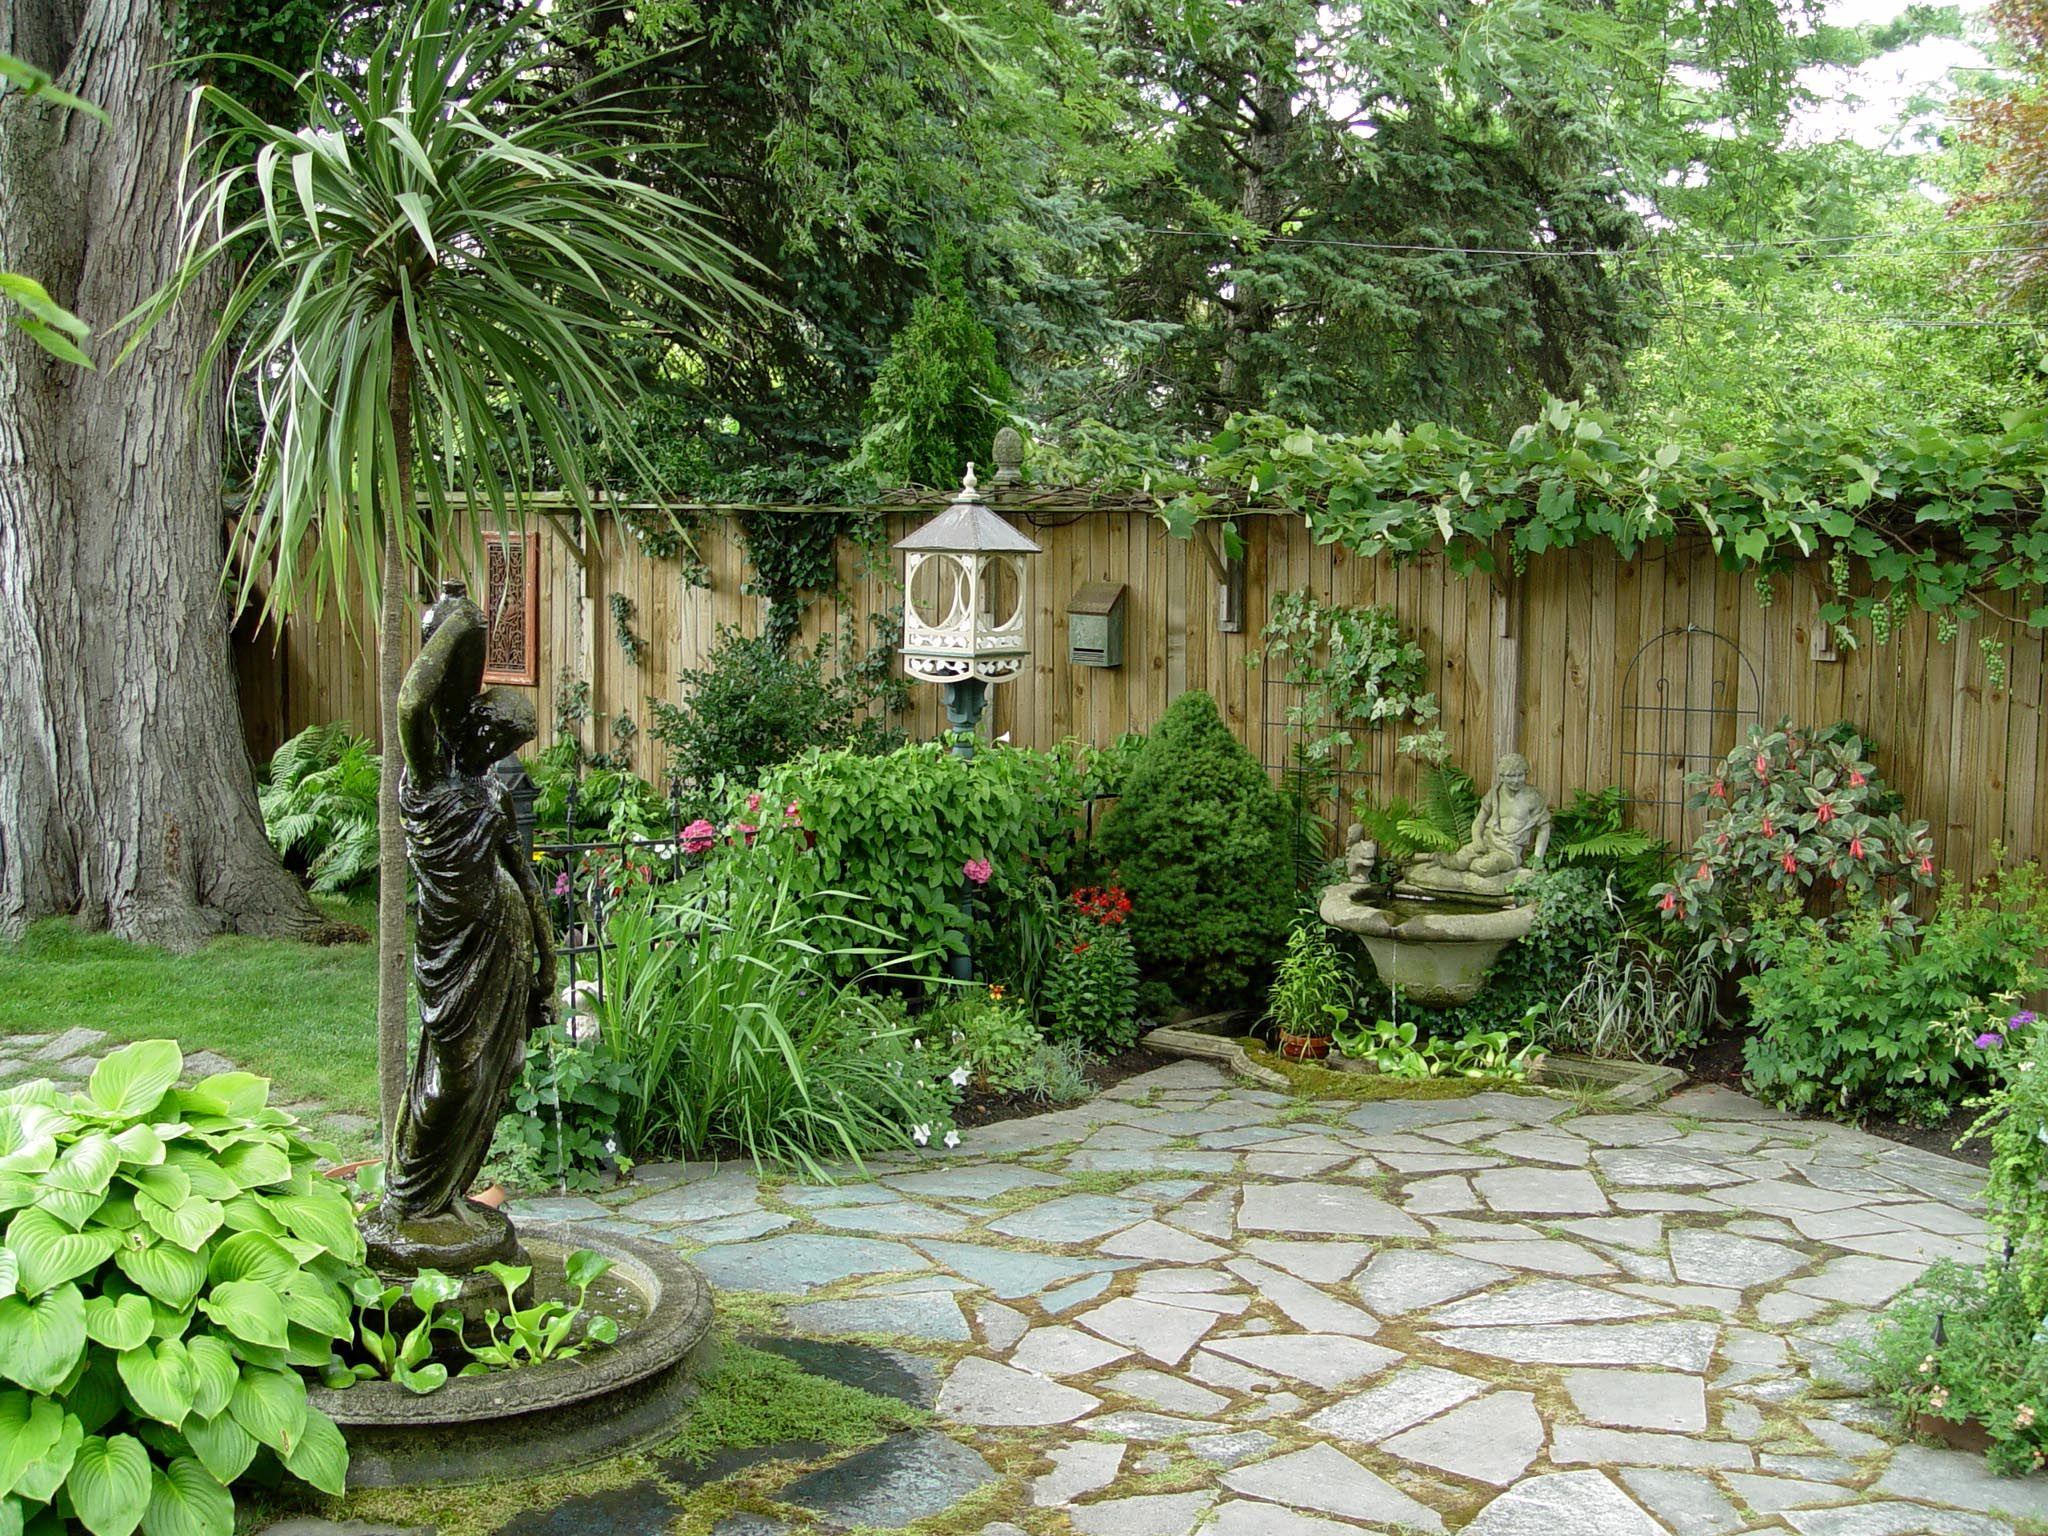 Garden Walk Buffalo Through The Garden Gates 6: Gardens Come In Small Packages, Like This